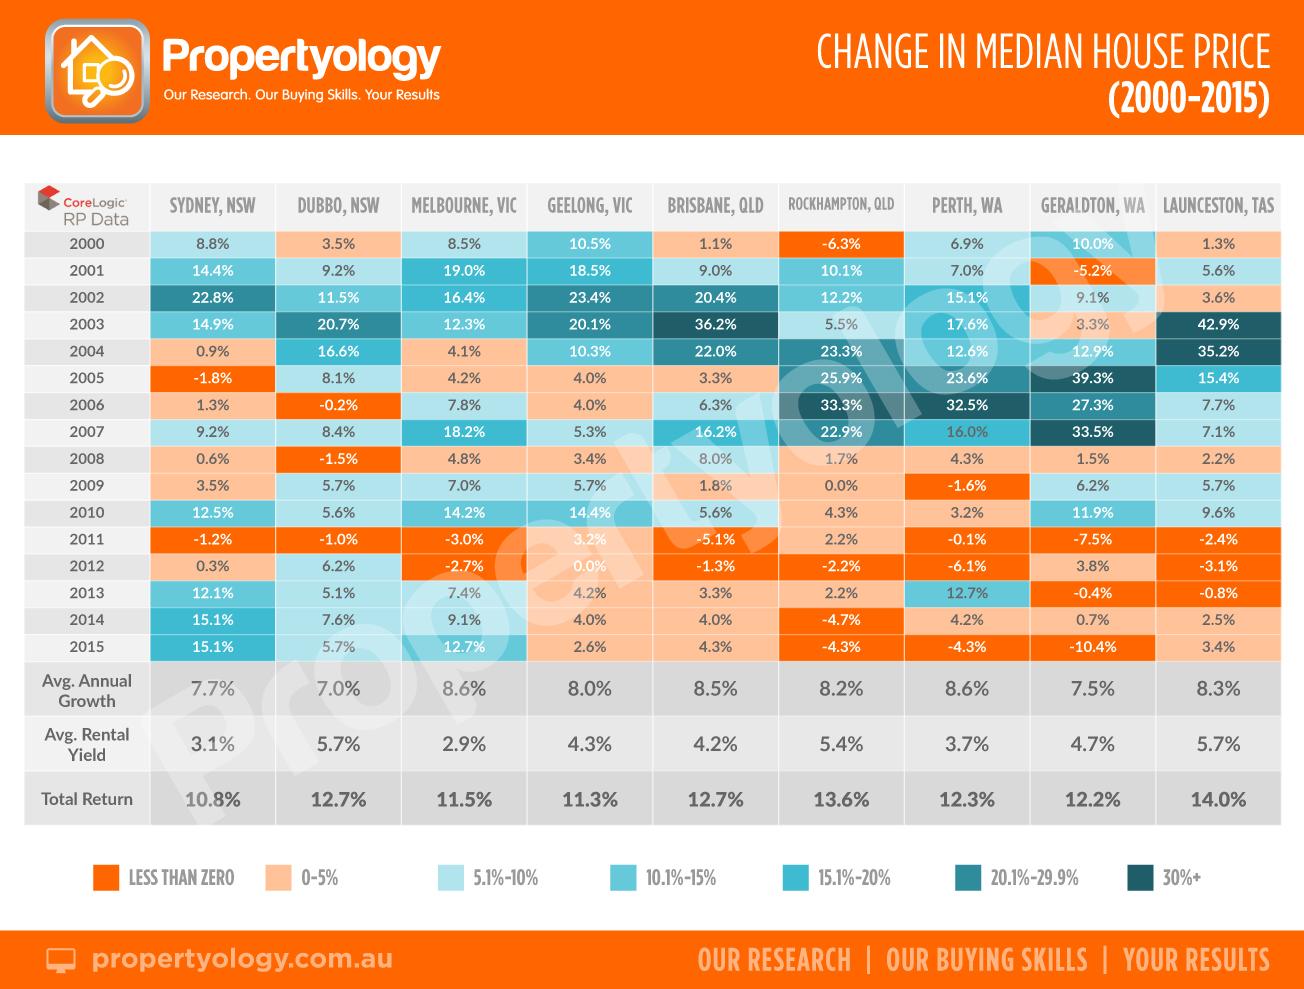 MedianValues_Comparison_2000-2015-Propertyology